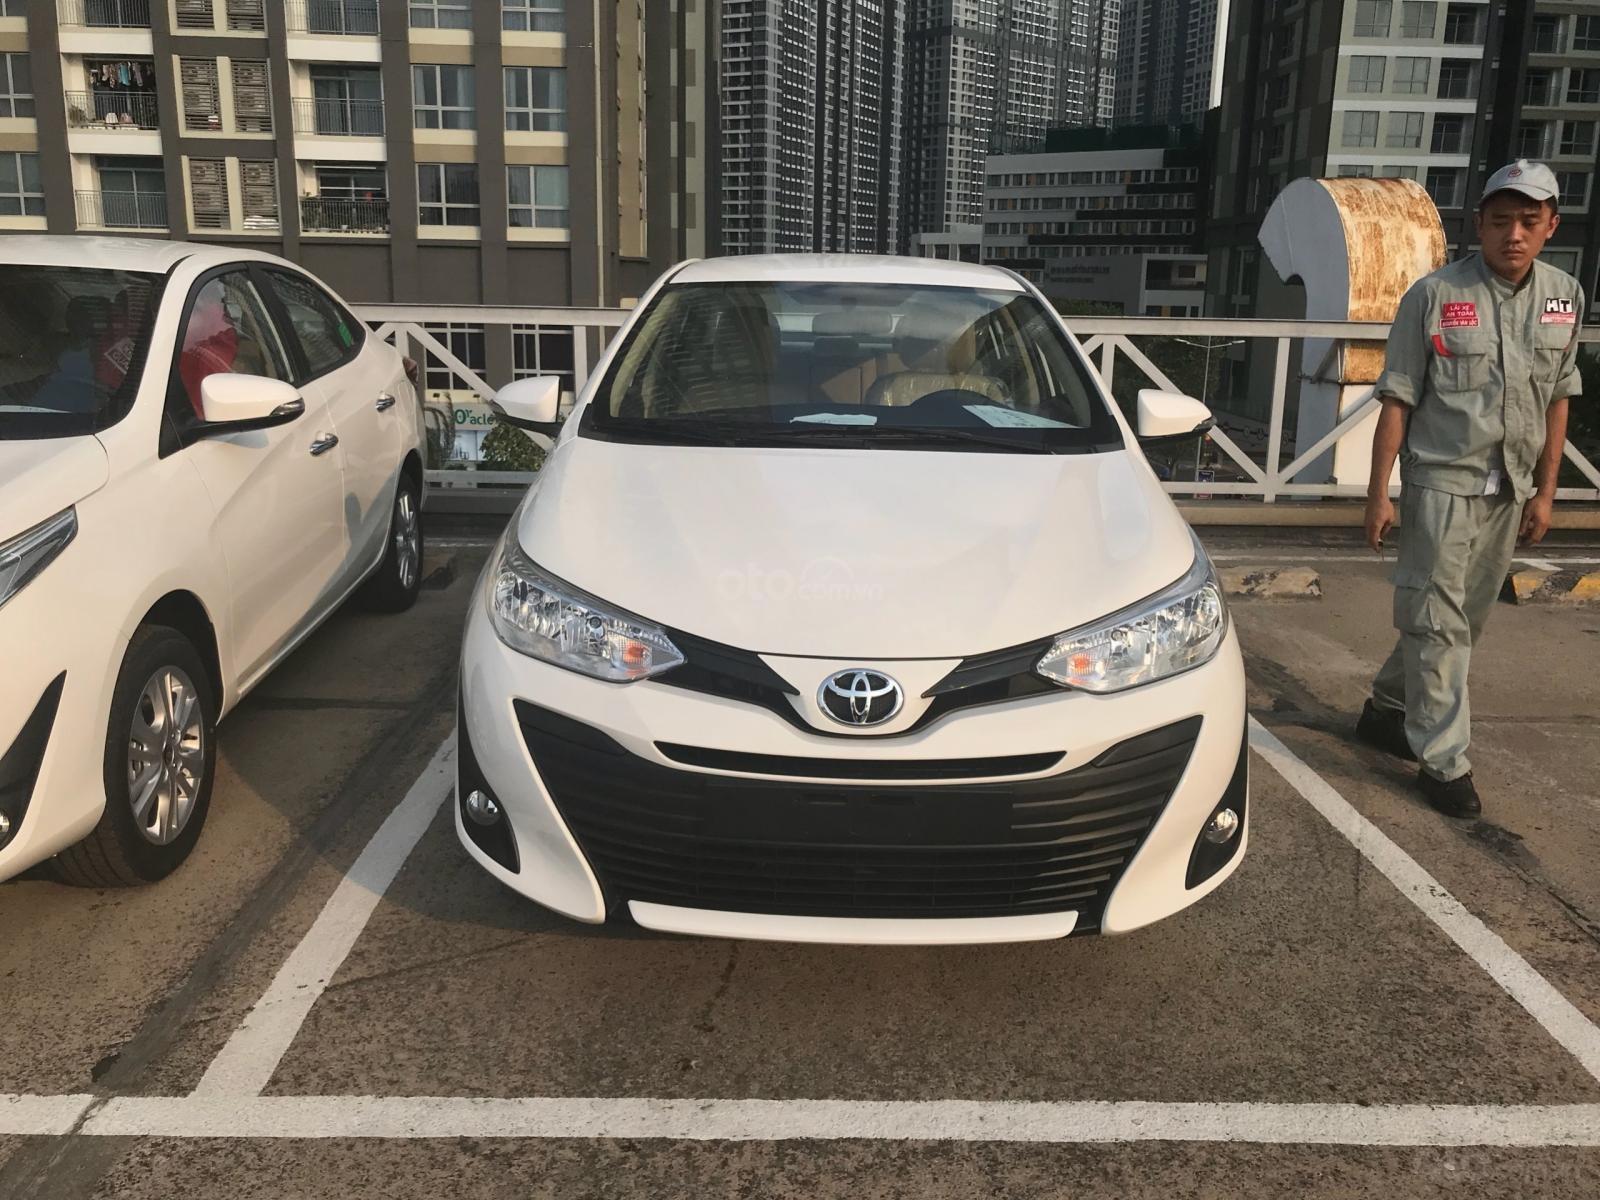 Toyota Tân Cảng Vios 1.5 tự động, trả trước 150tr nhận xe - giao ngay đủ màu, LH 0933000600 (5)